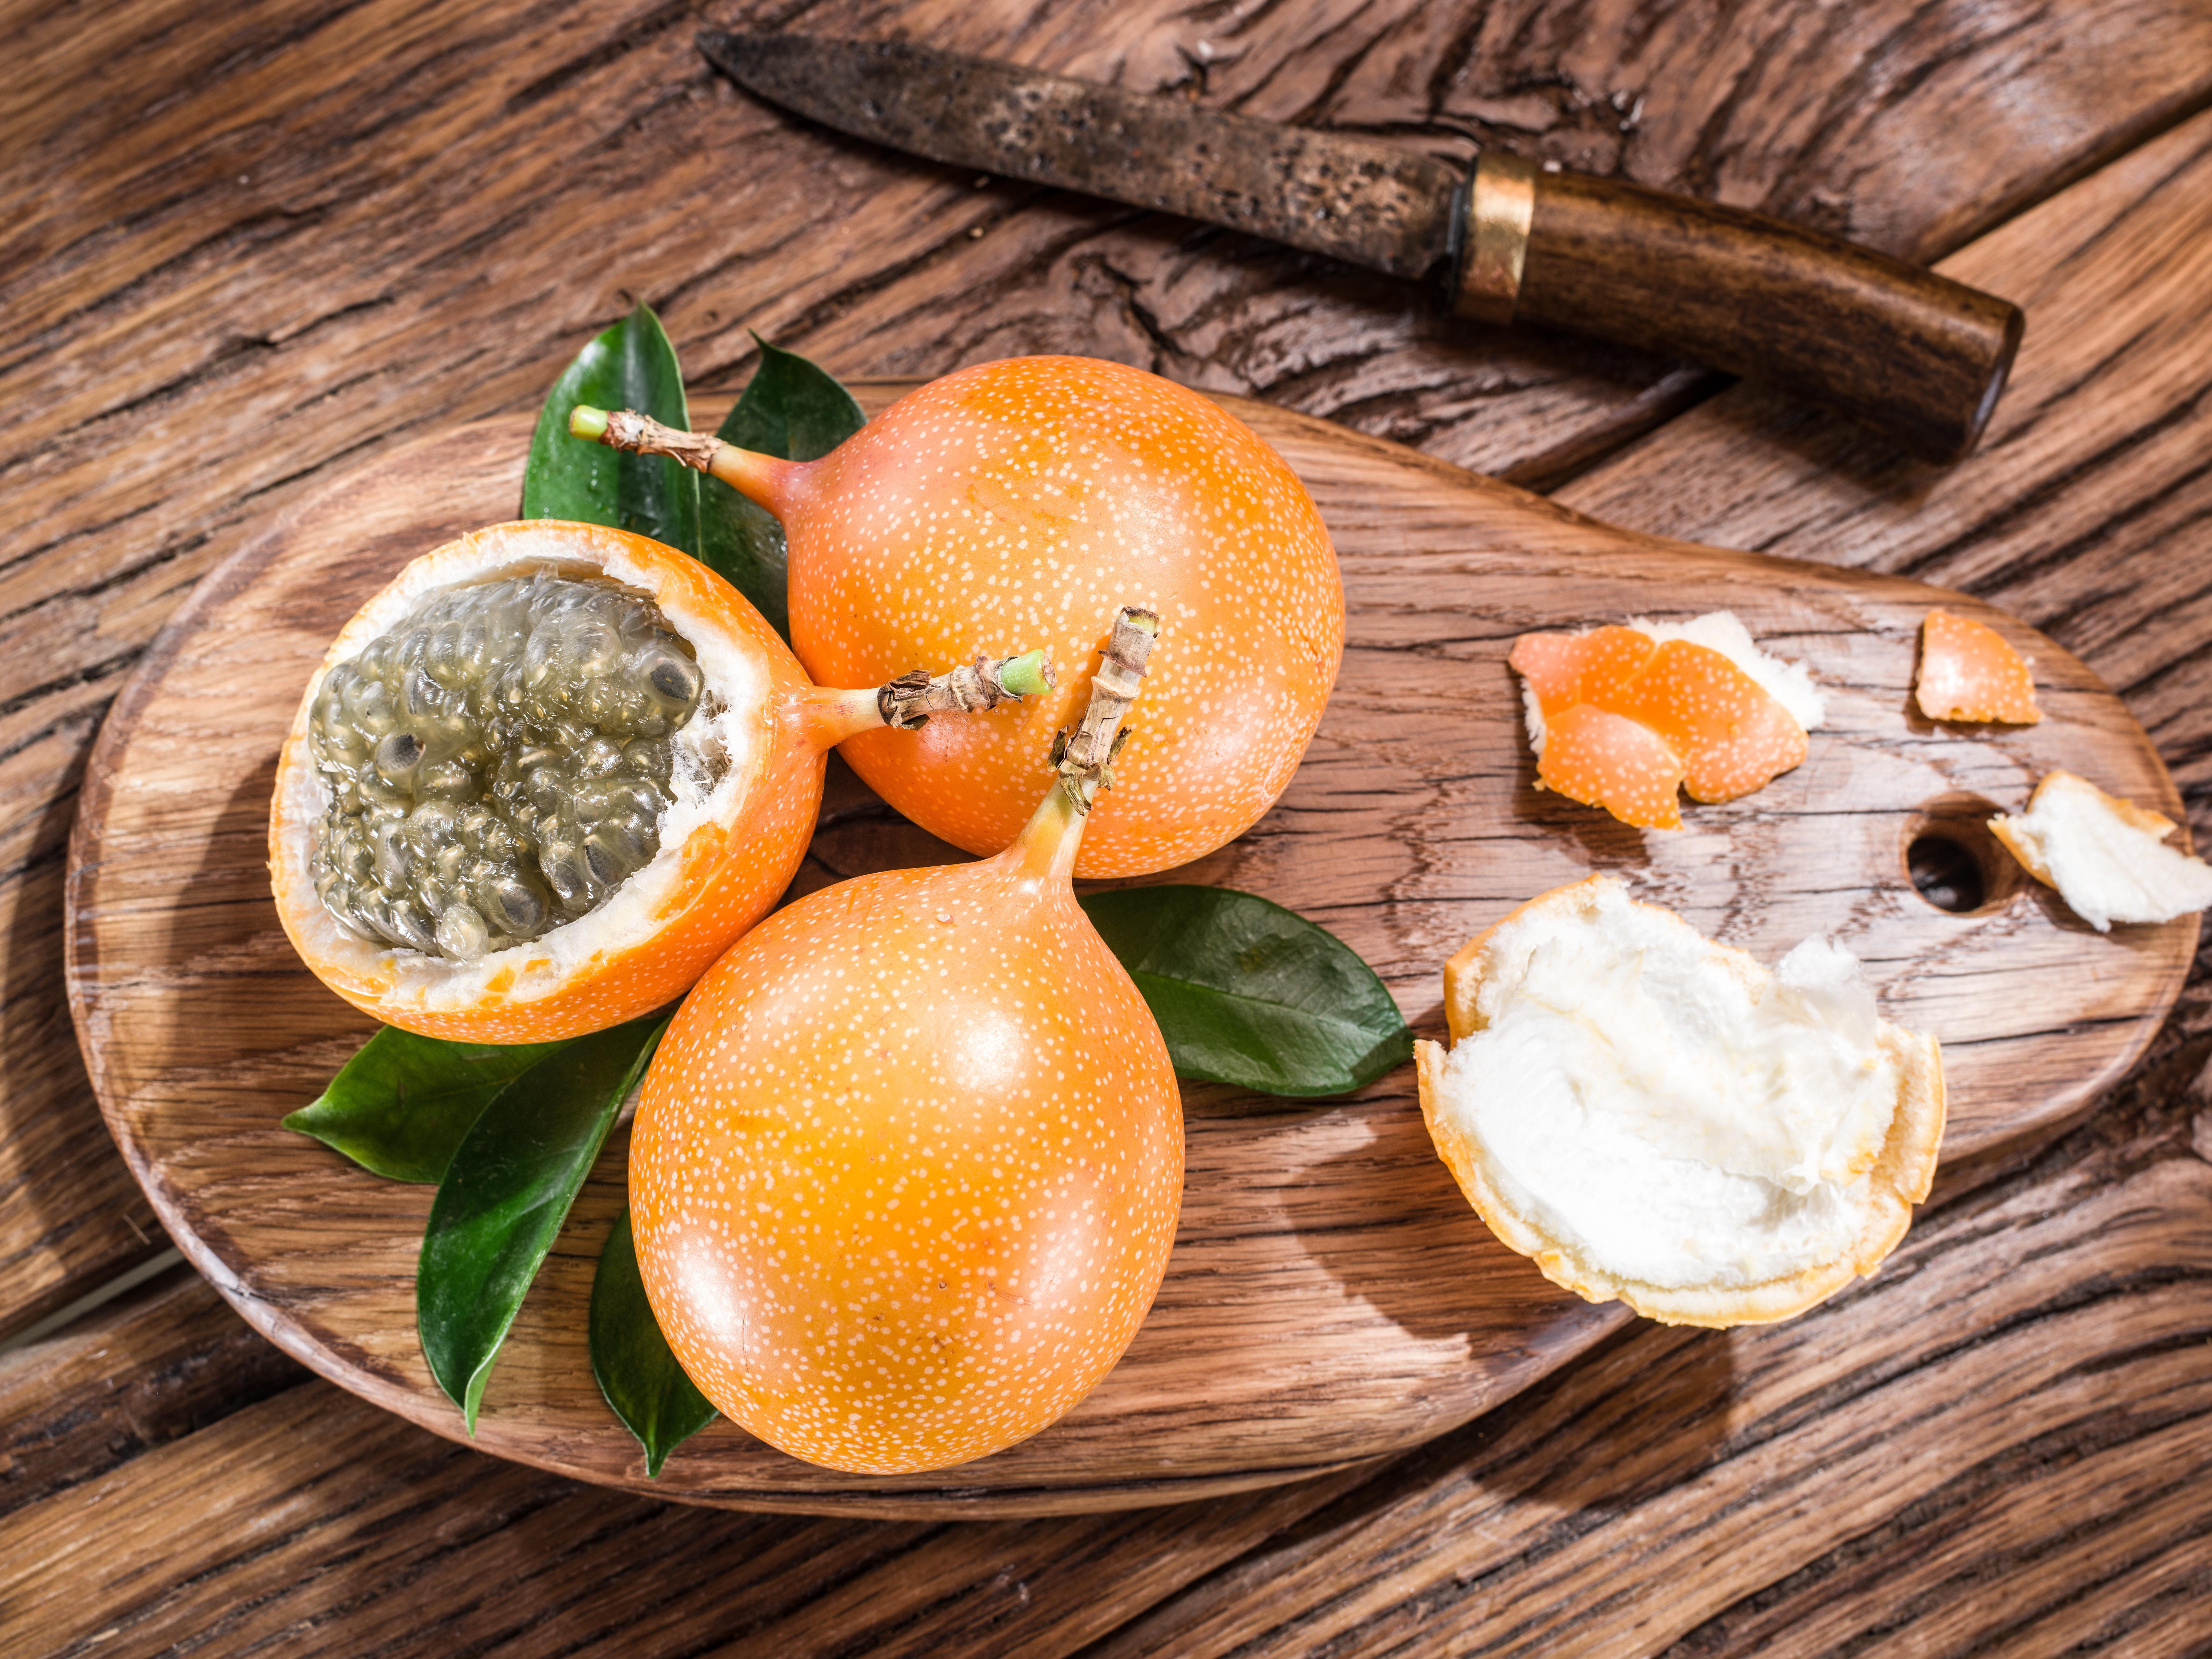 тропические фрукты фото и названия гранадилла высокий сезон петербурге